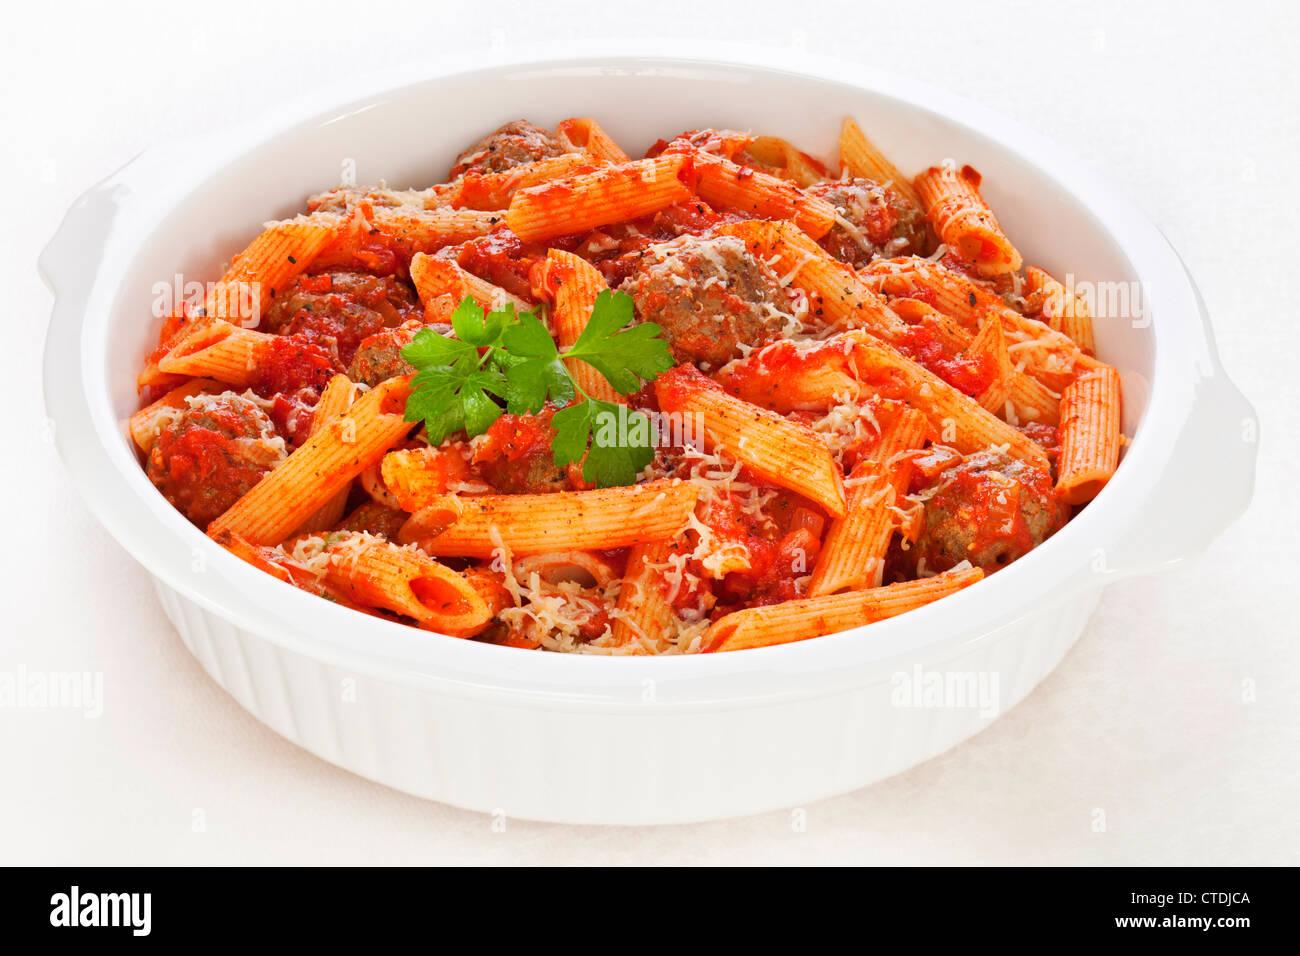 Albóndigas en salsa de tomate con pasta penne y queso parmesano al horno. Imagen De Stock